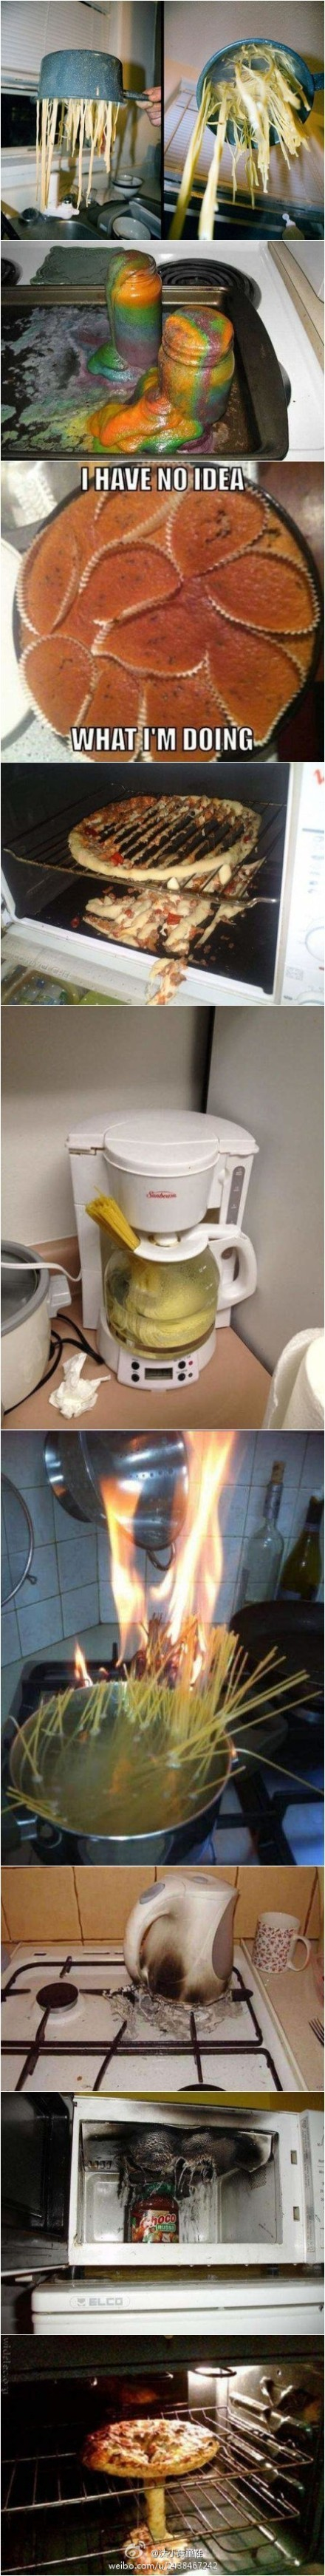 如果想学做饭的女生少一点,我们的世界会好得多。